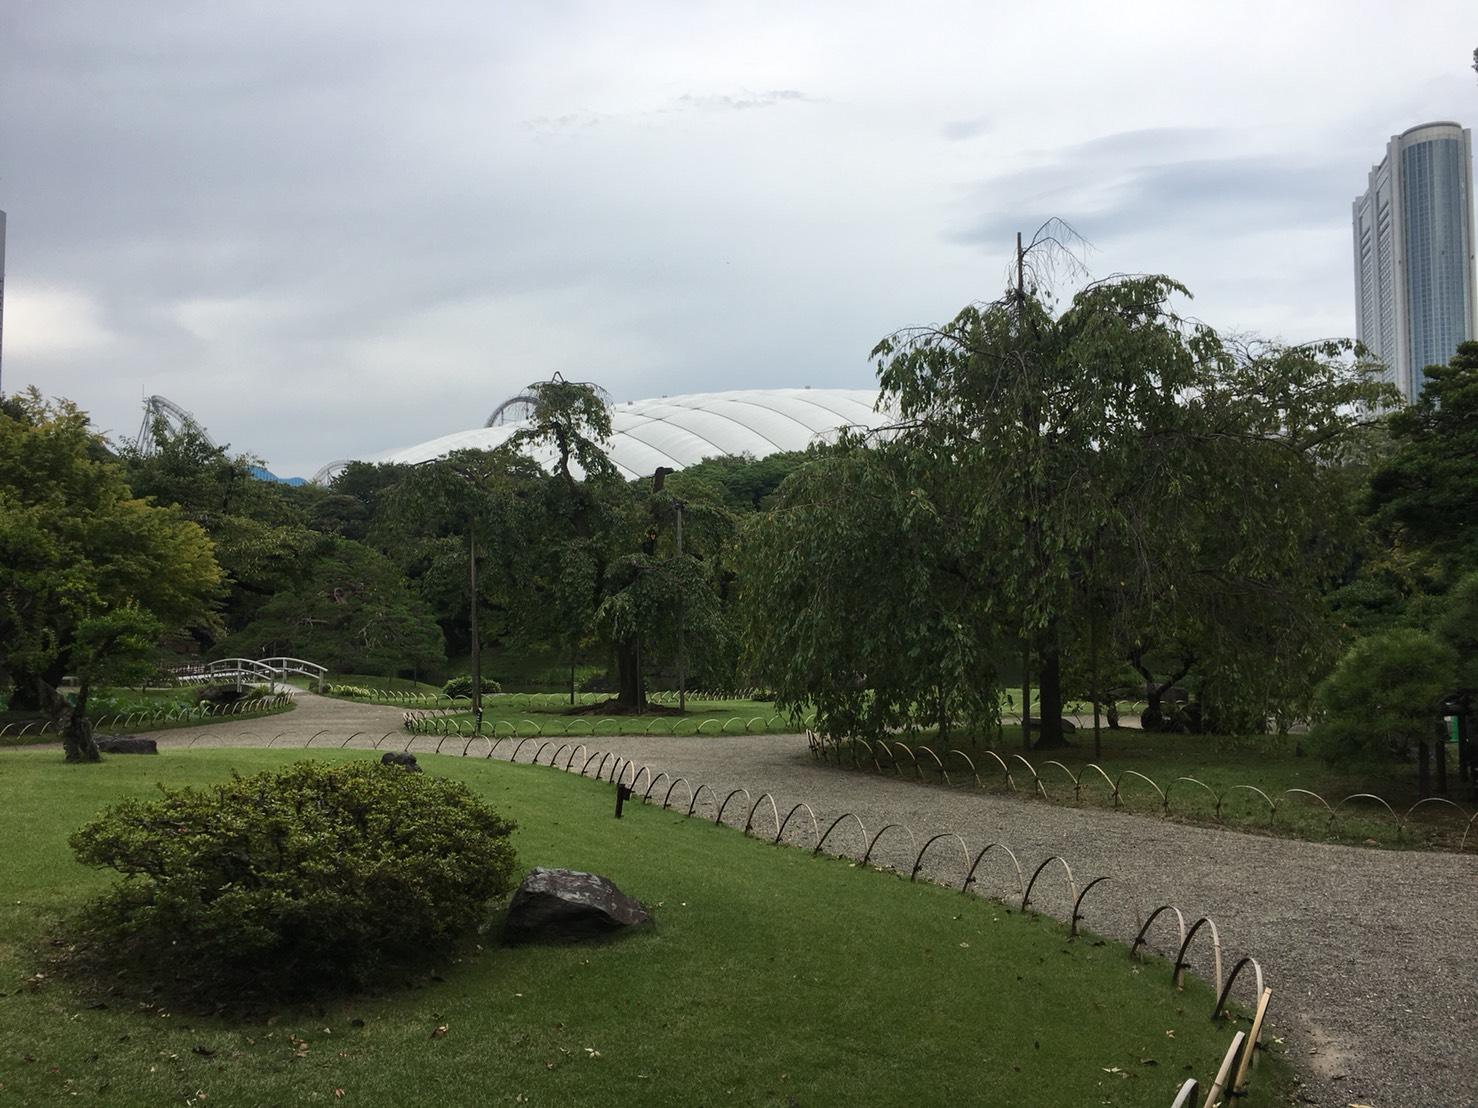 【飯田橋駅】江戸時代の中国趣味豊かな景観で一句「小石川後楽園」の小石川後楽園の庭園1